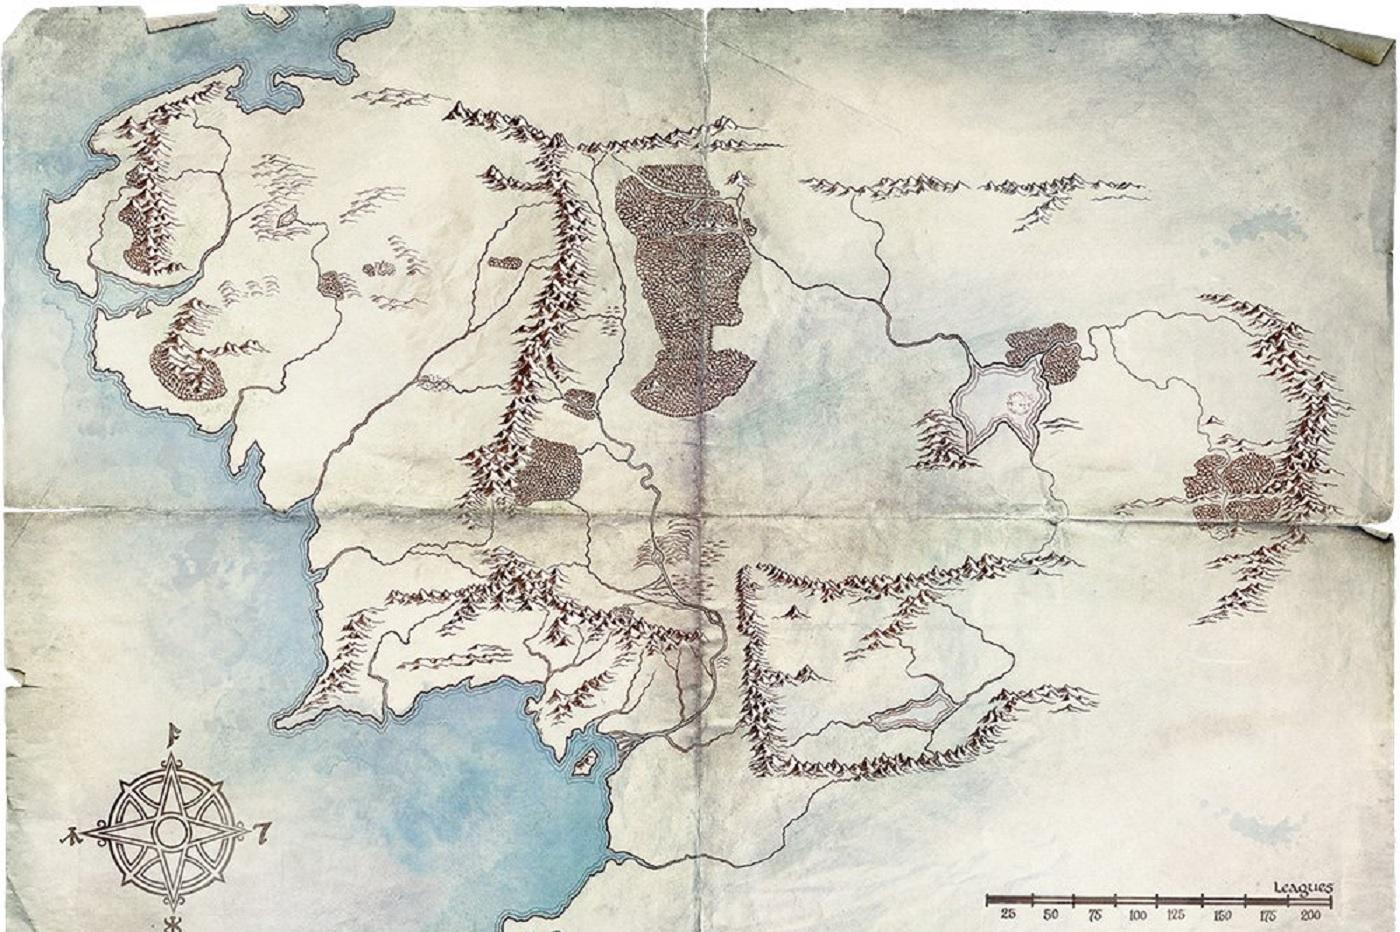 Seigneur des anneaux: en plus de la série, Amazon développe également un jeu